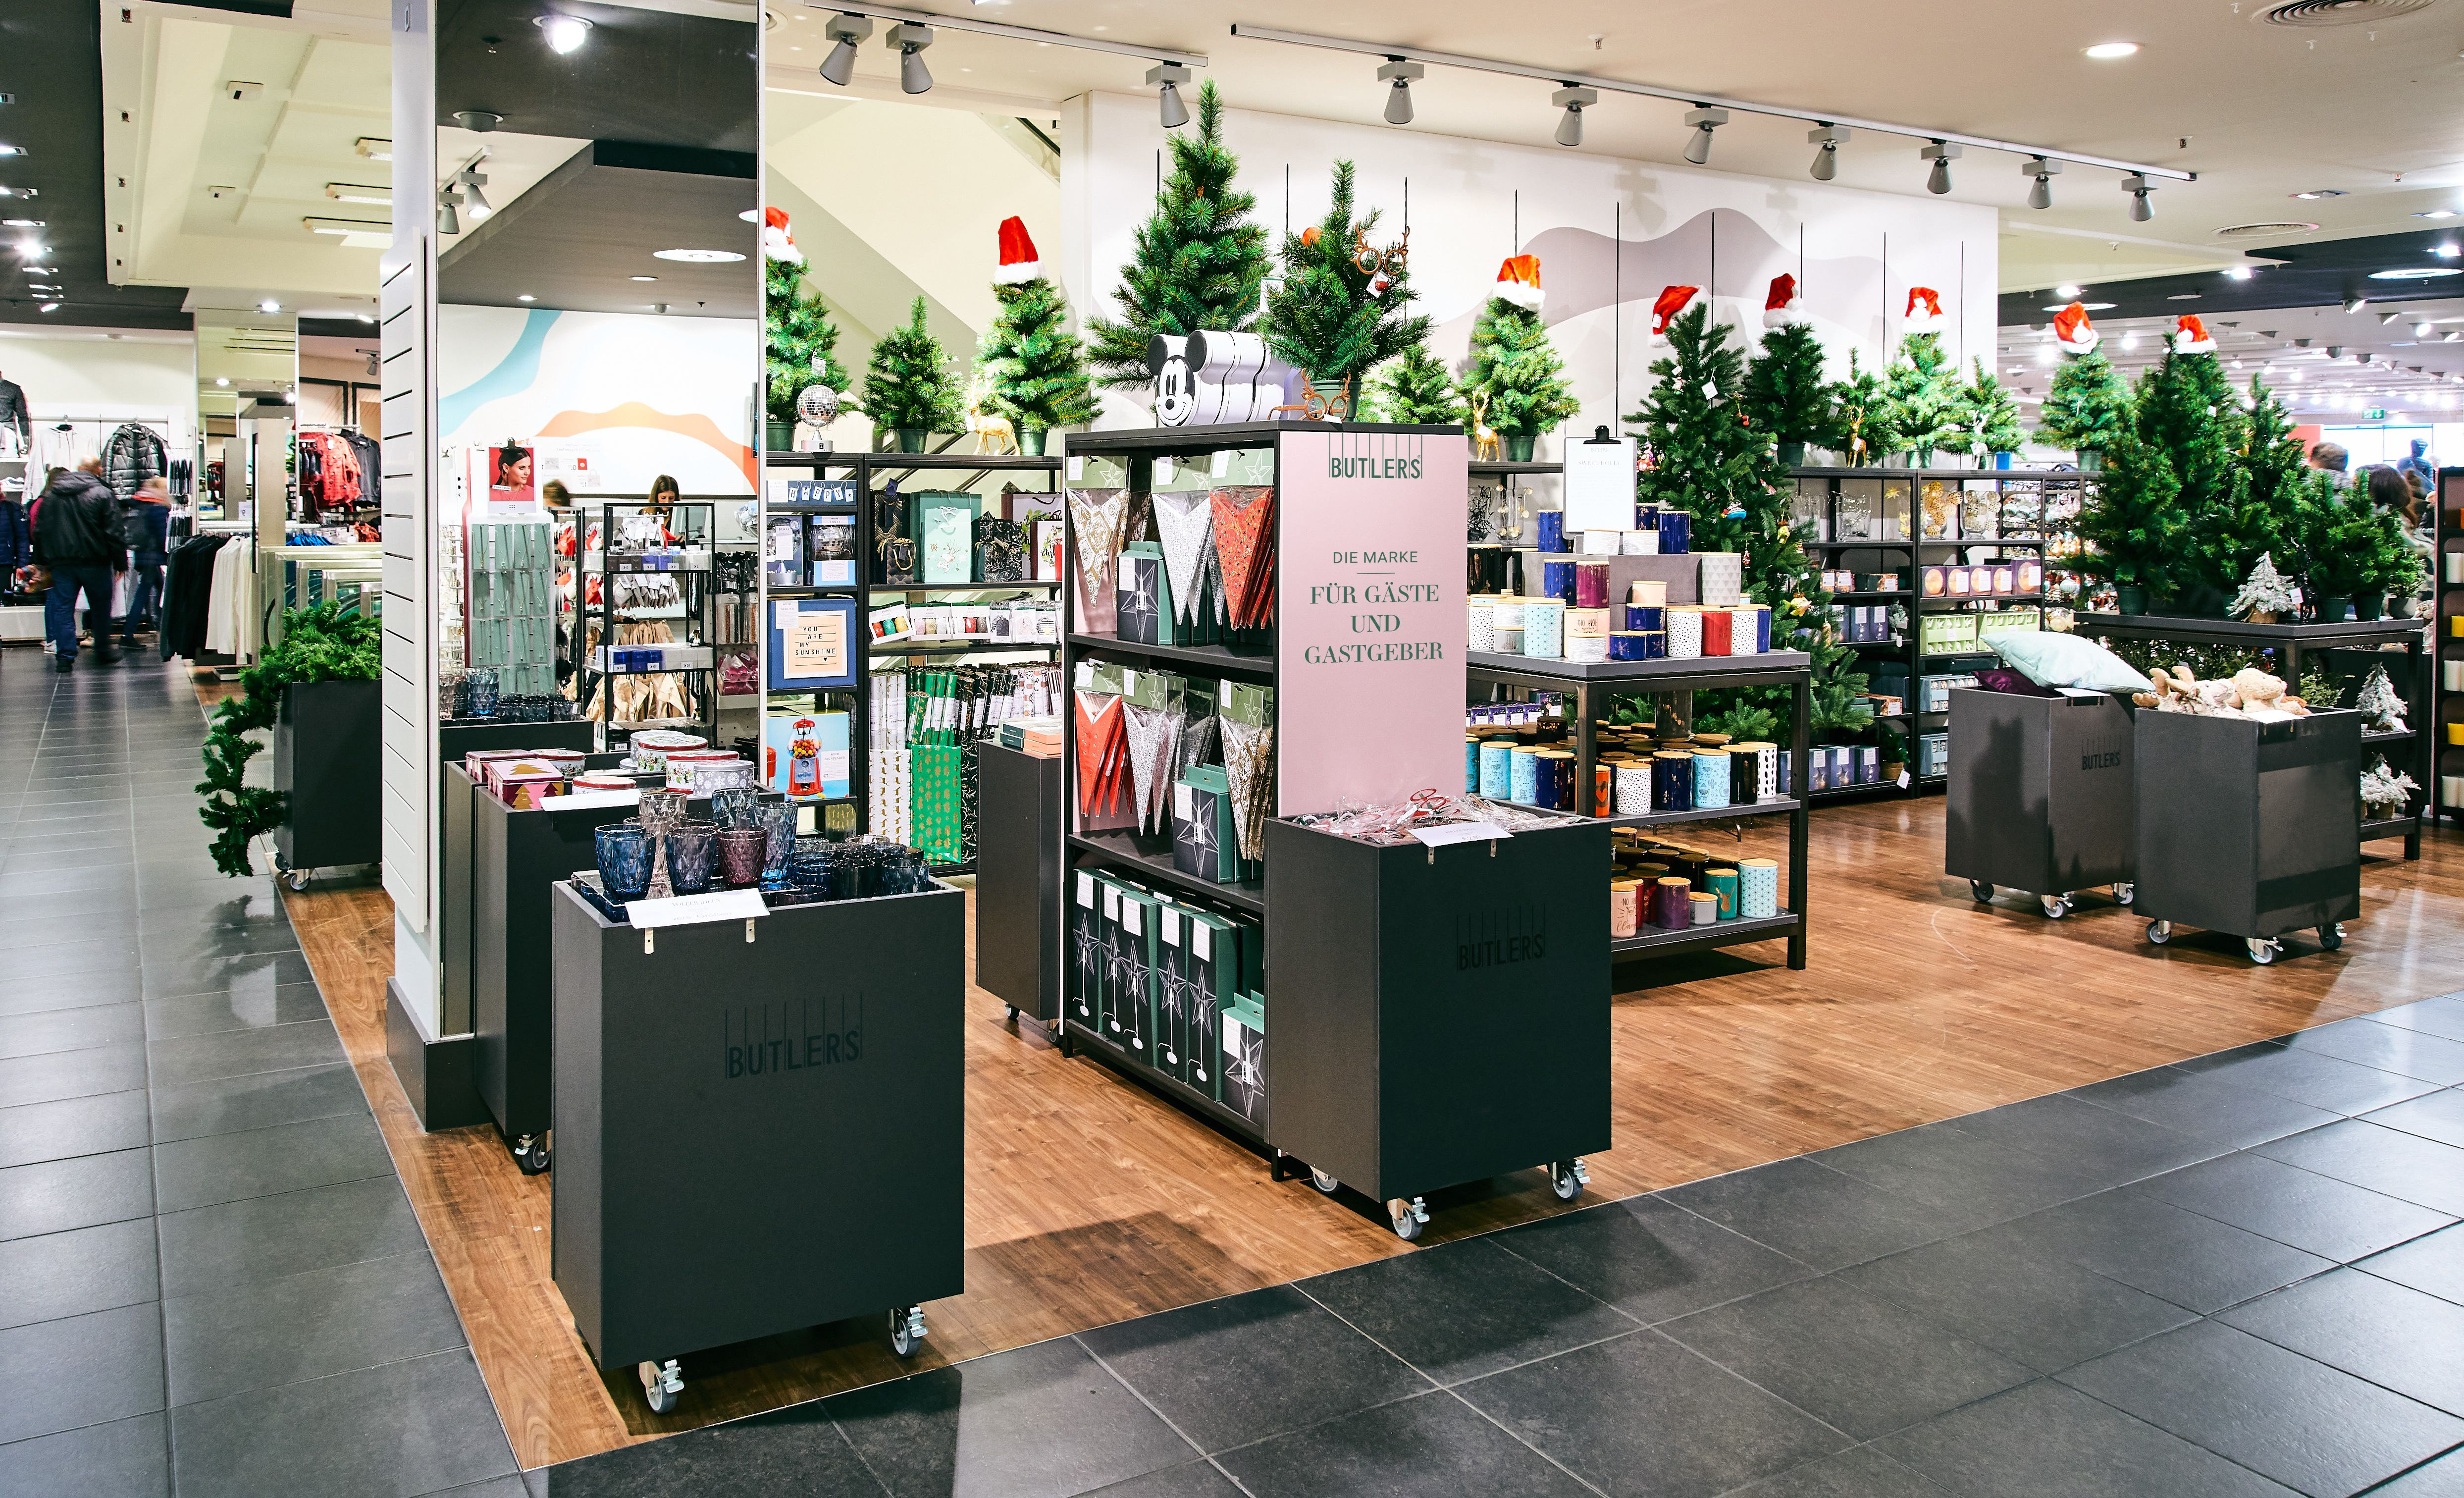 Kooperation Ca Startet Mit Butlers Flächen Ins Weihnachtsgeschäft